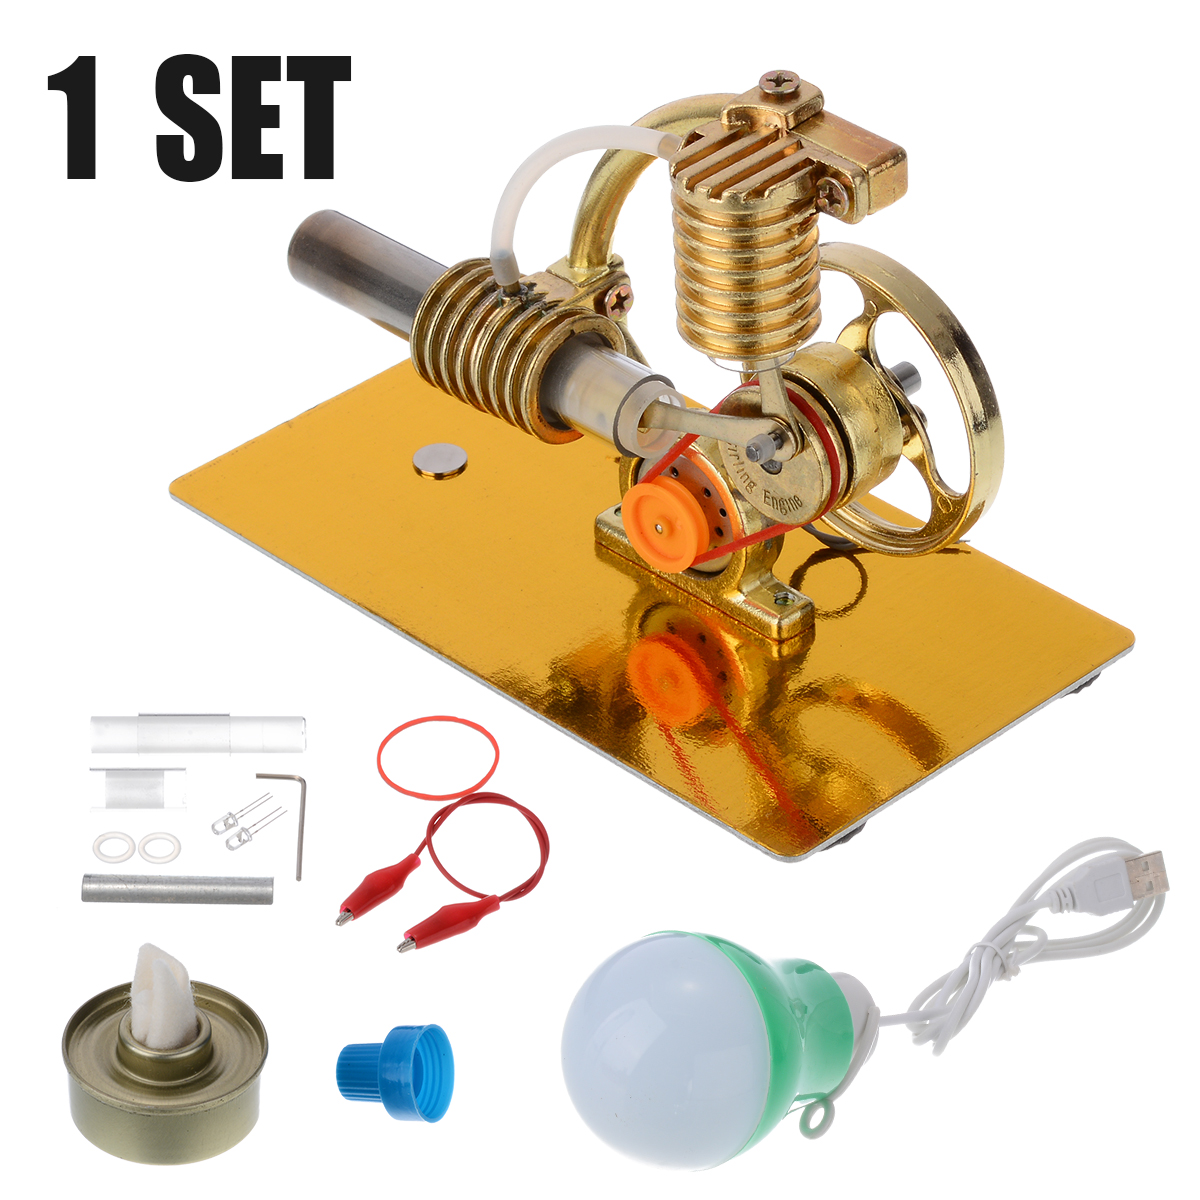 Air chaud Stirling moteur vapeur chaleur modèle Kit bricolage jouet éducatif éducation enfants jouet Science expérience Kit